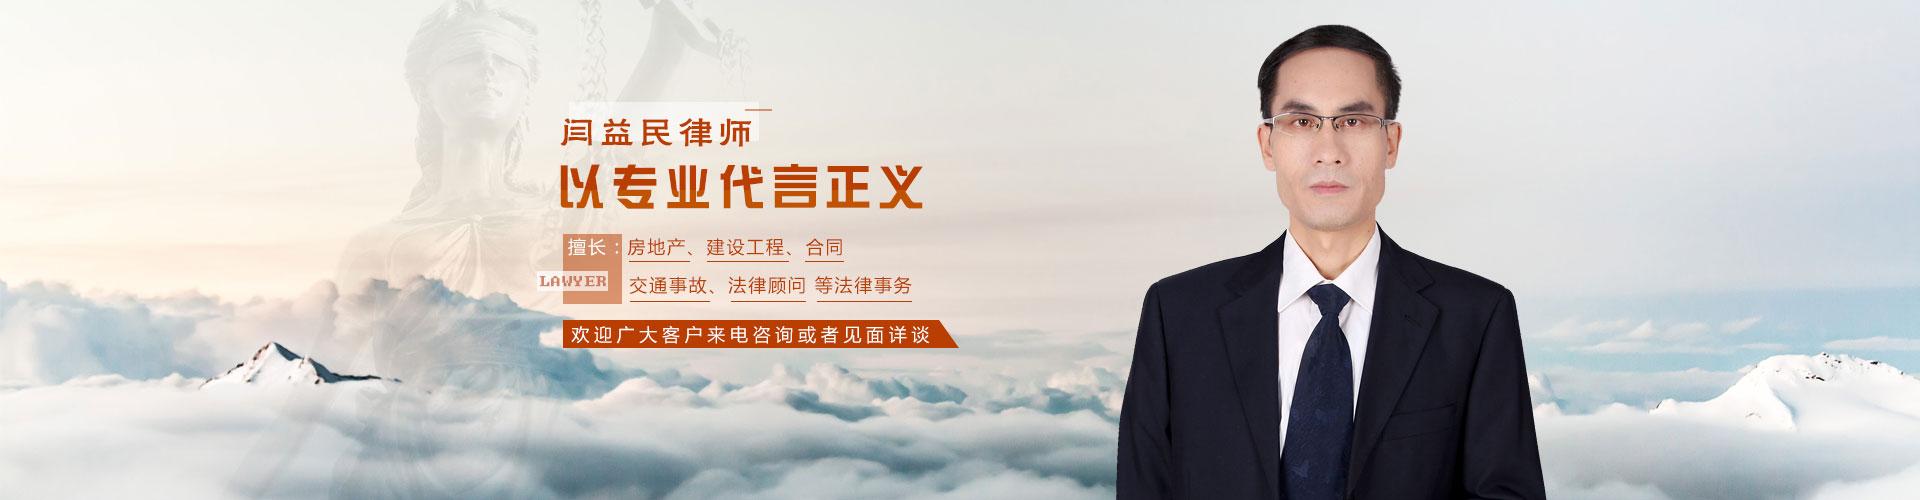 河北闫益民律师